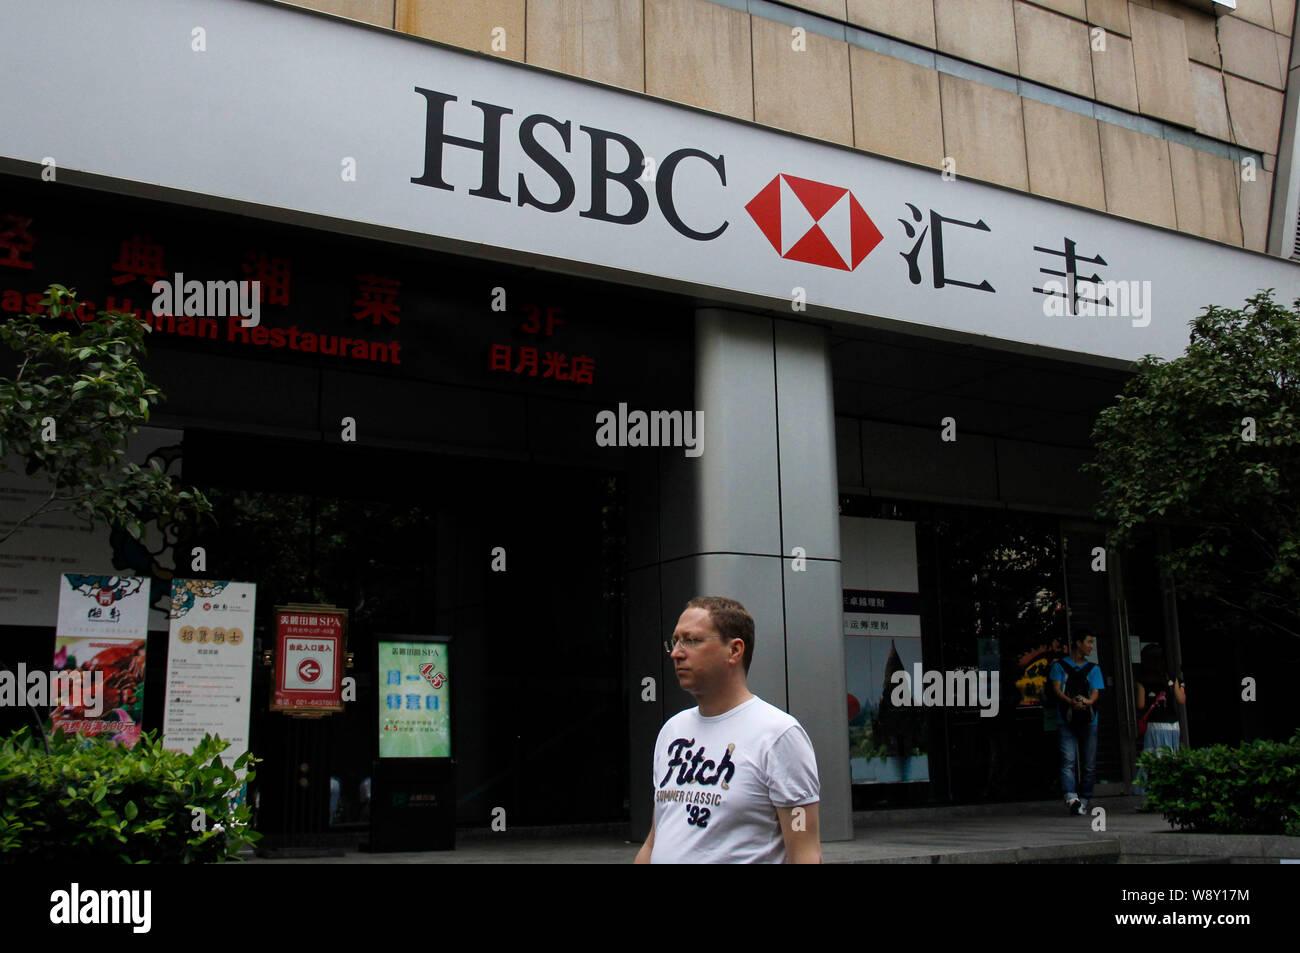 FILE--A pedestrian walks past a branch of HSBC (the Hongkong